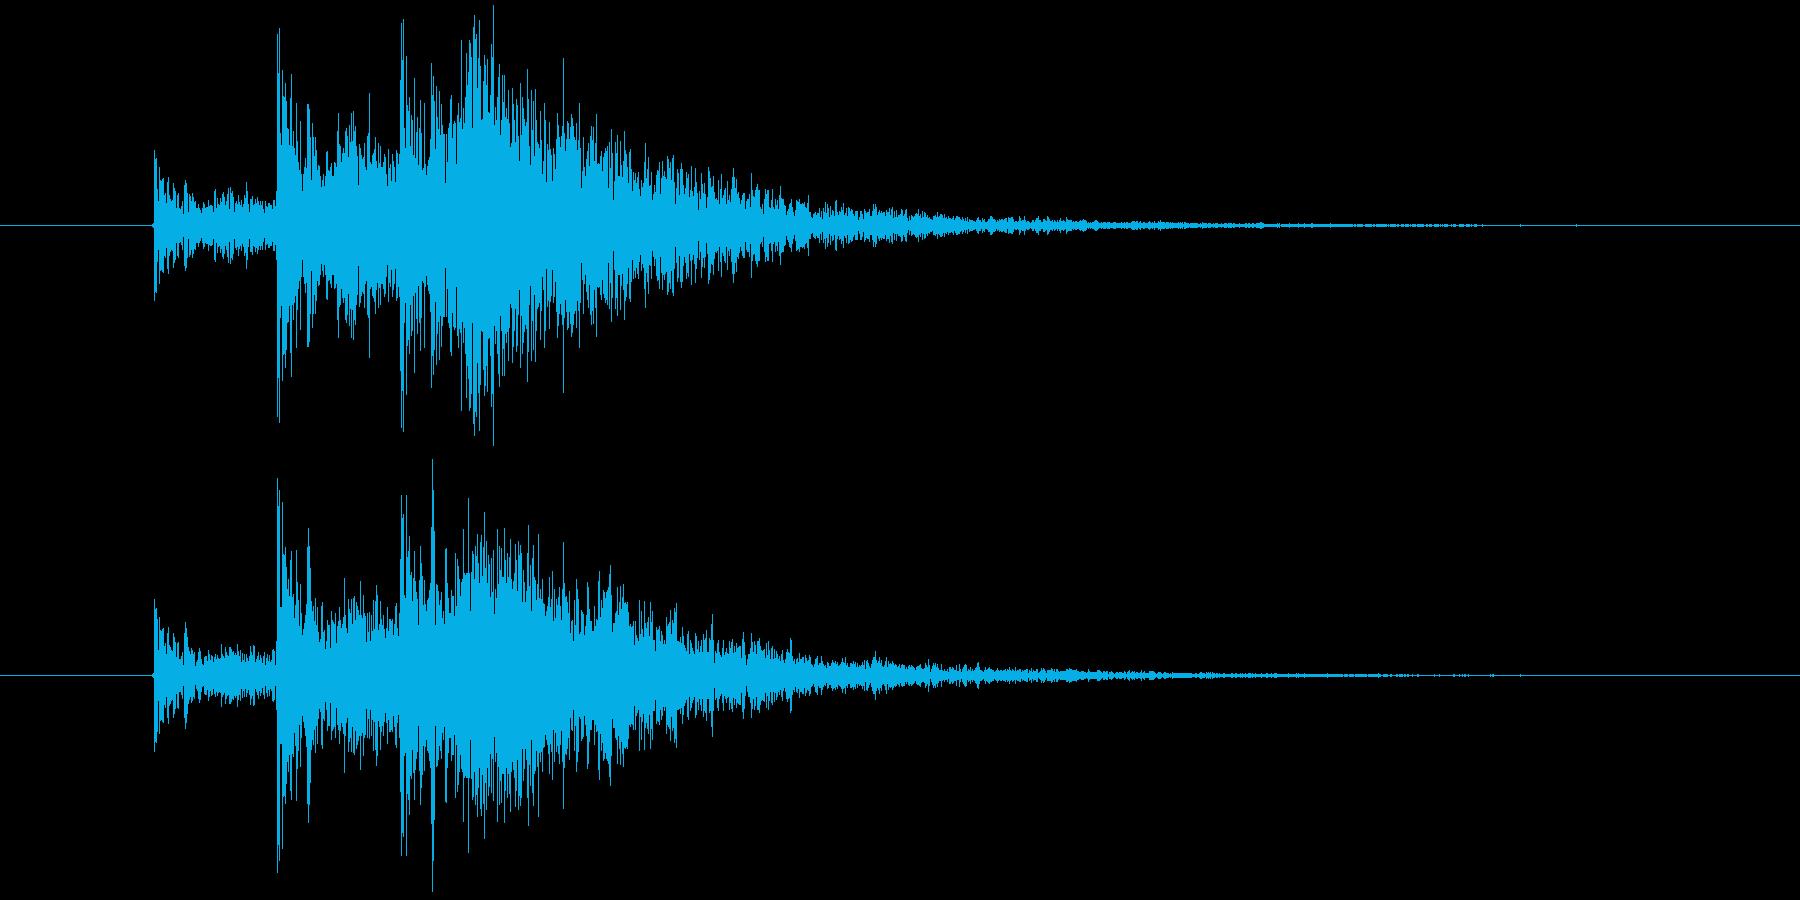 カカカン 拍子木 3連打の再生済みの波形